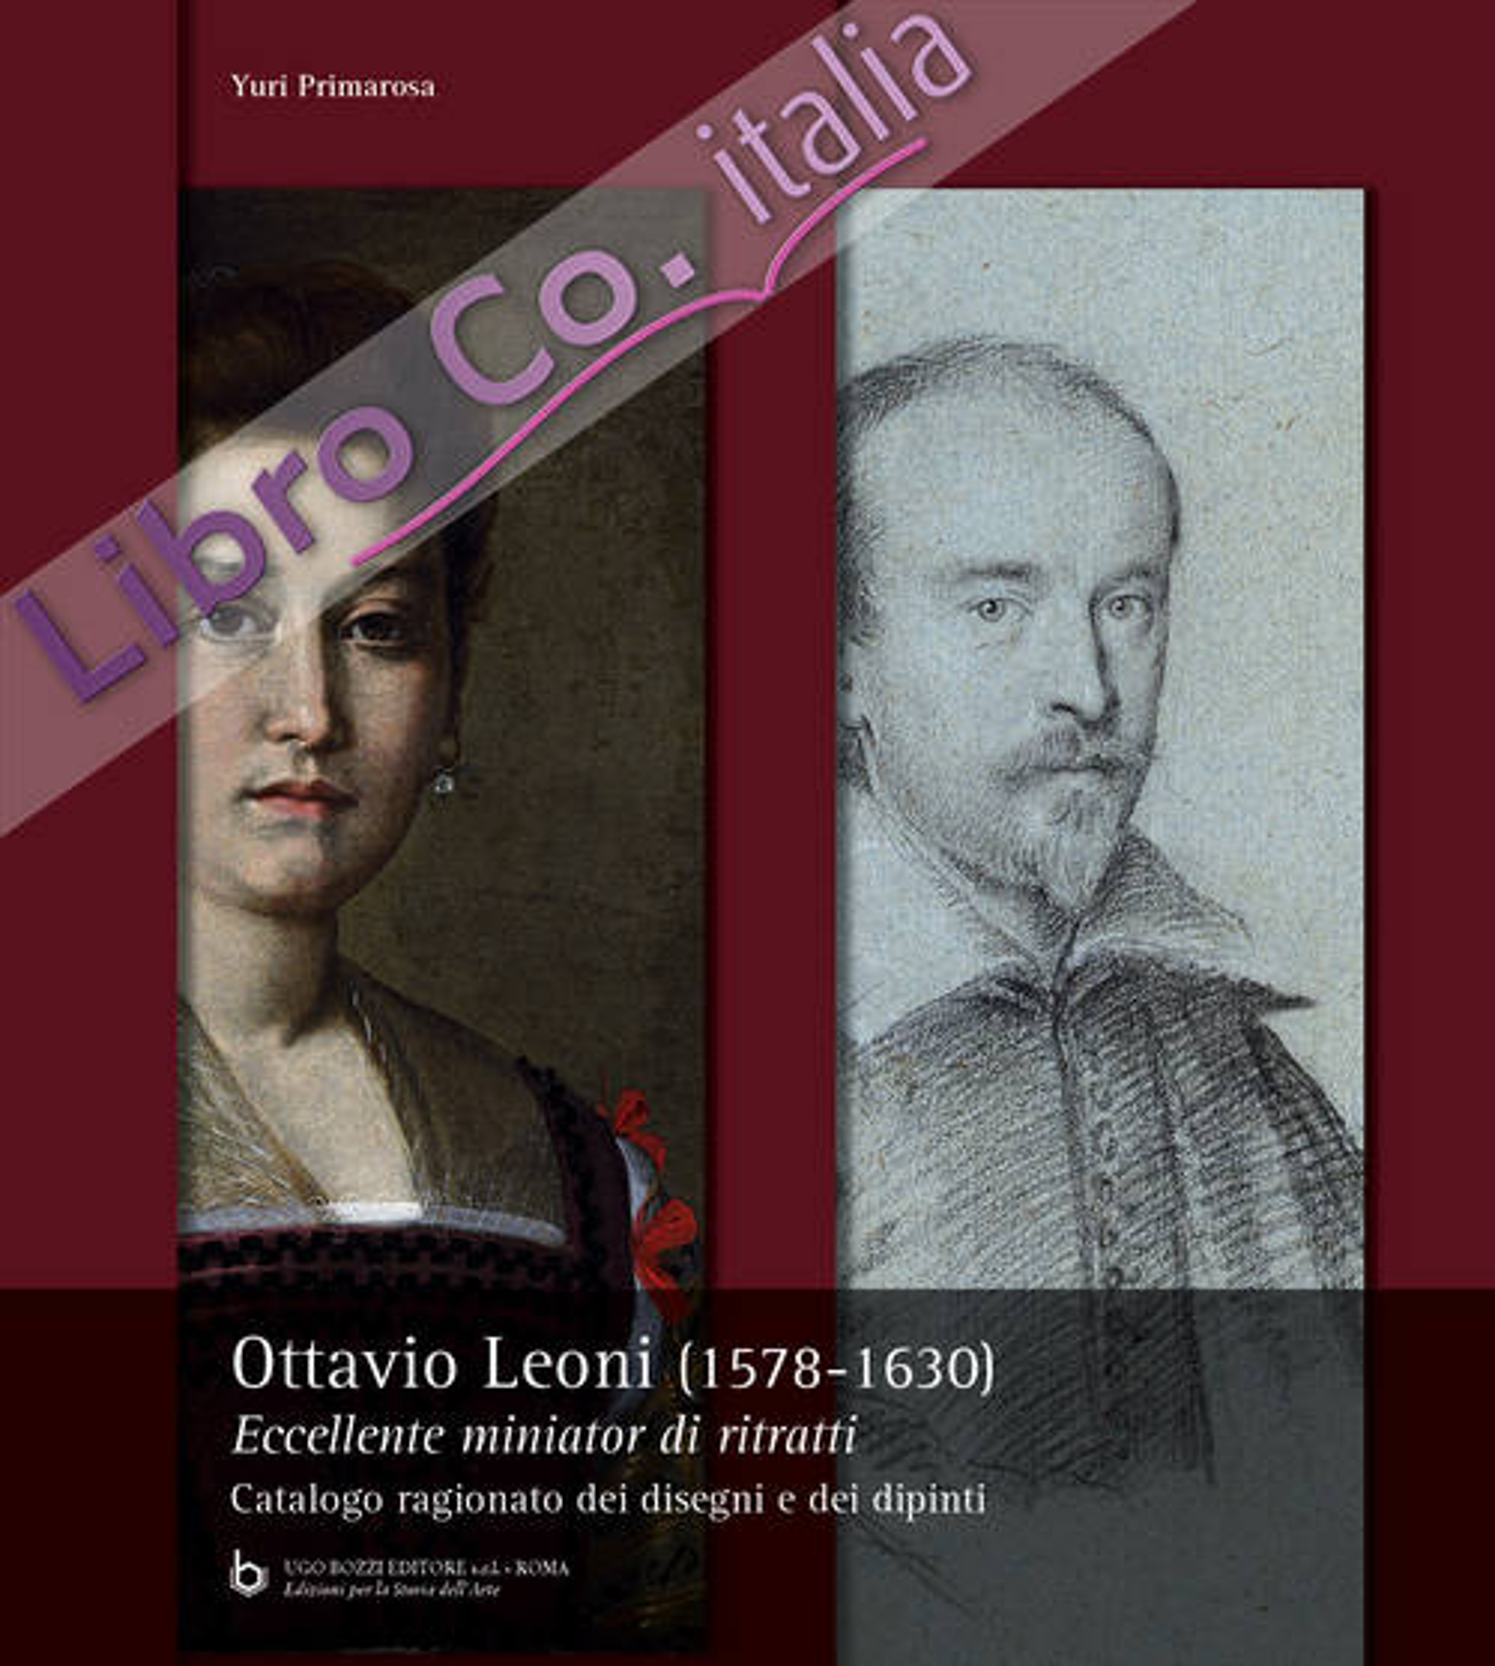 Ottavio Leoni (1578-1630). Eccellente miniator di ritratti. Catalogo ragionato dei dipinti e dei disegni.